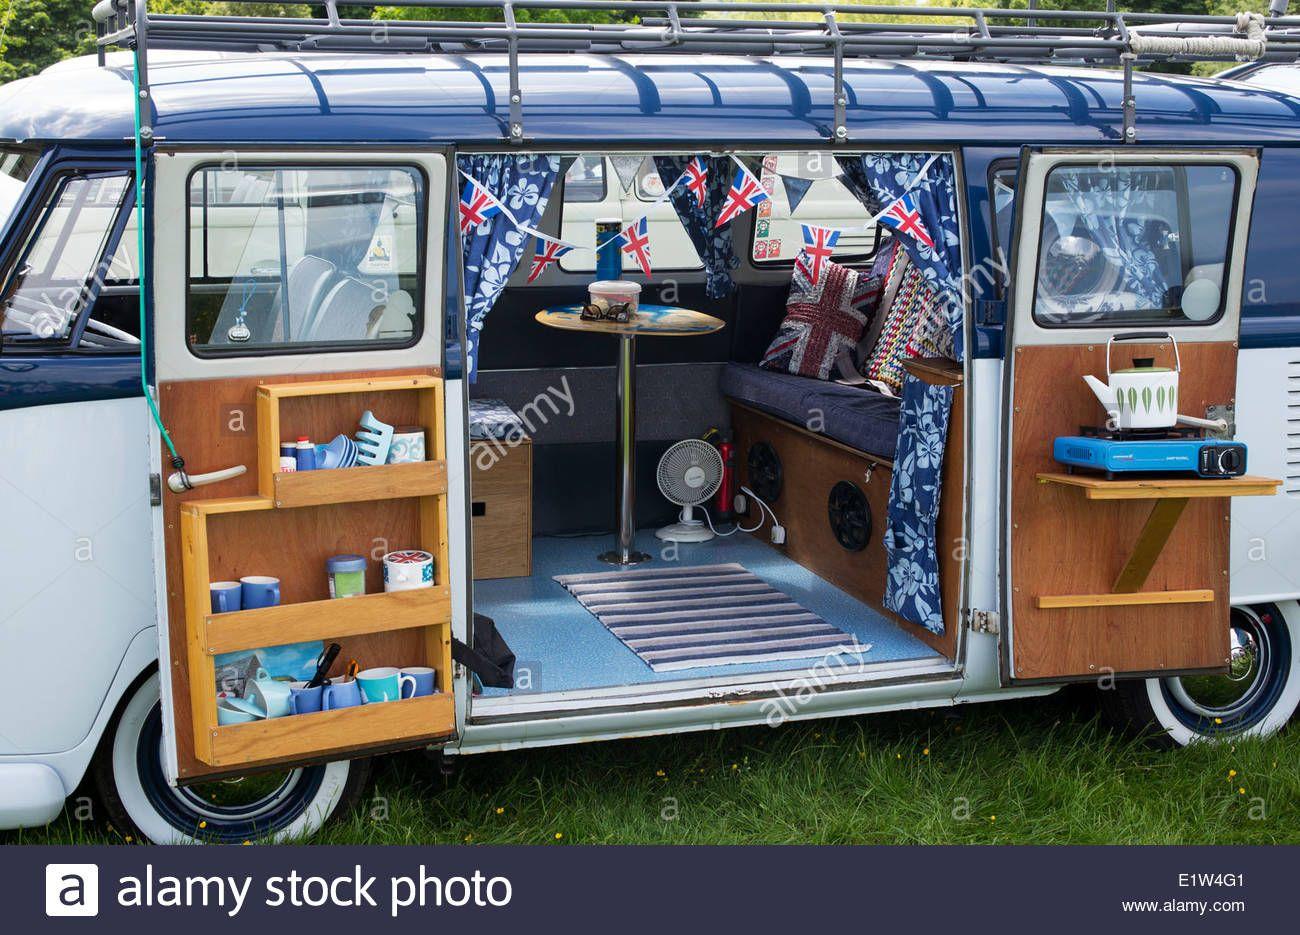 Old Fashioned Dodge Camper Vans